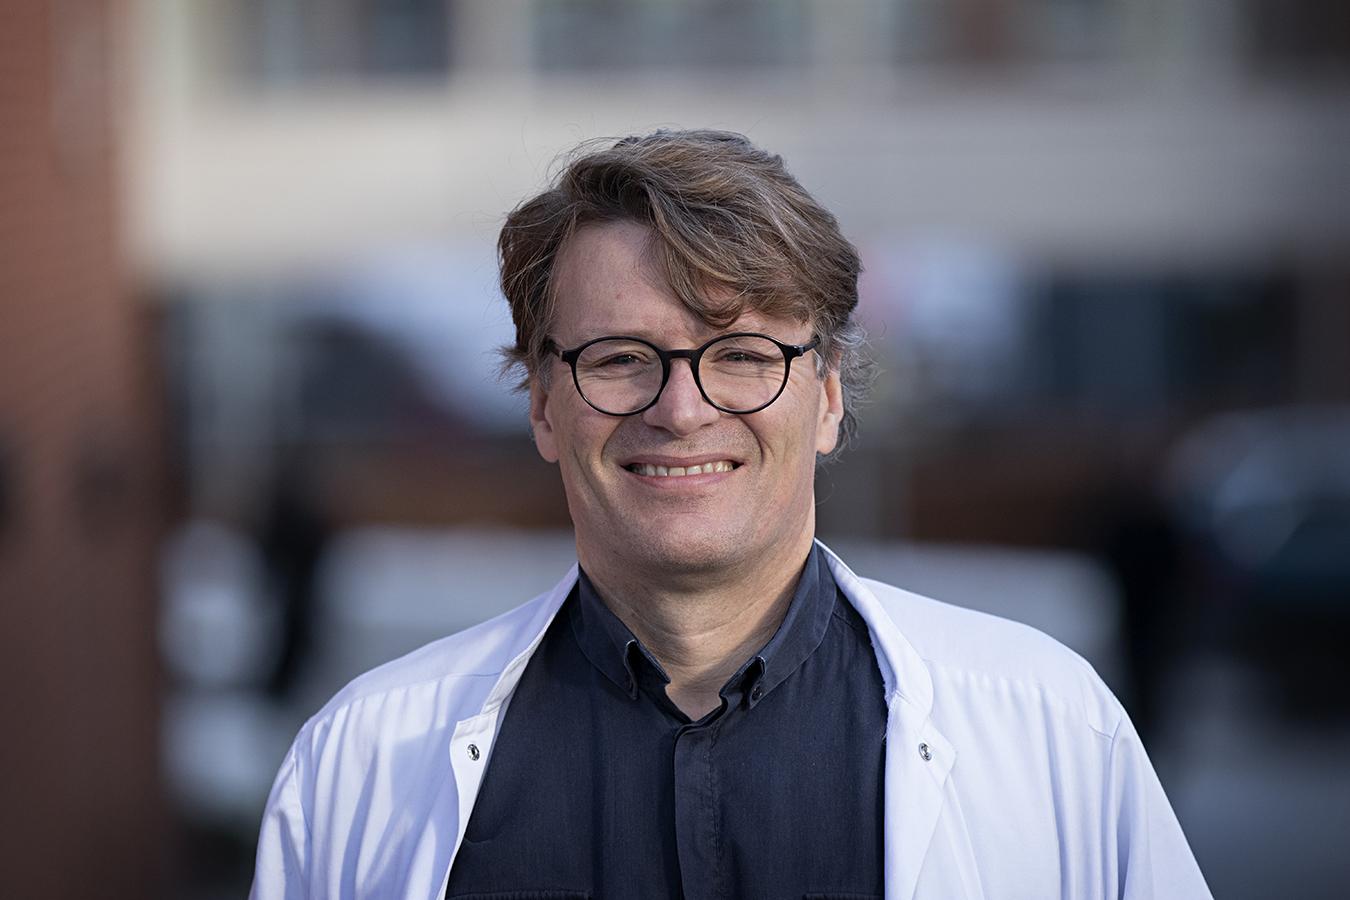 Dr. Claus Gravholt